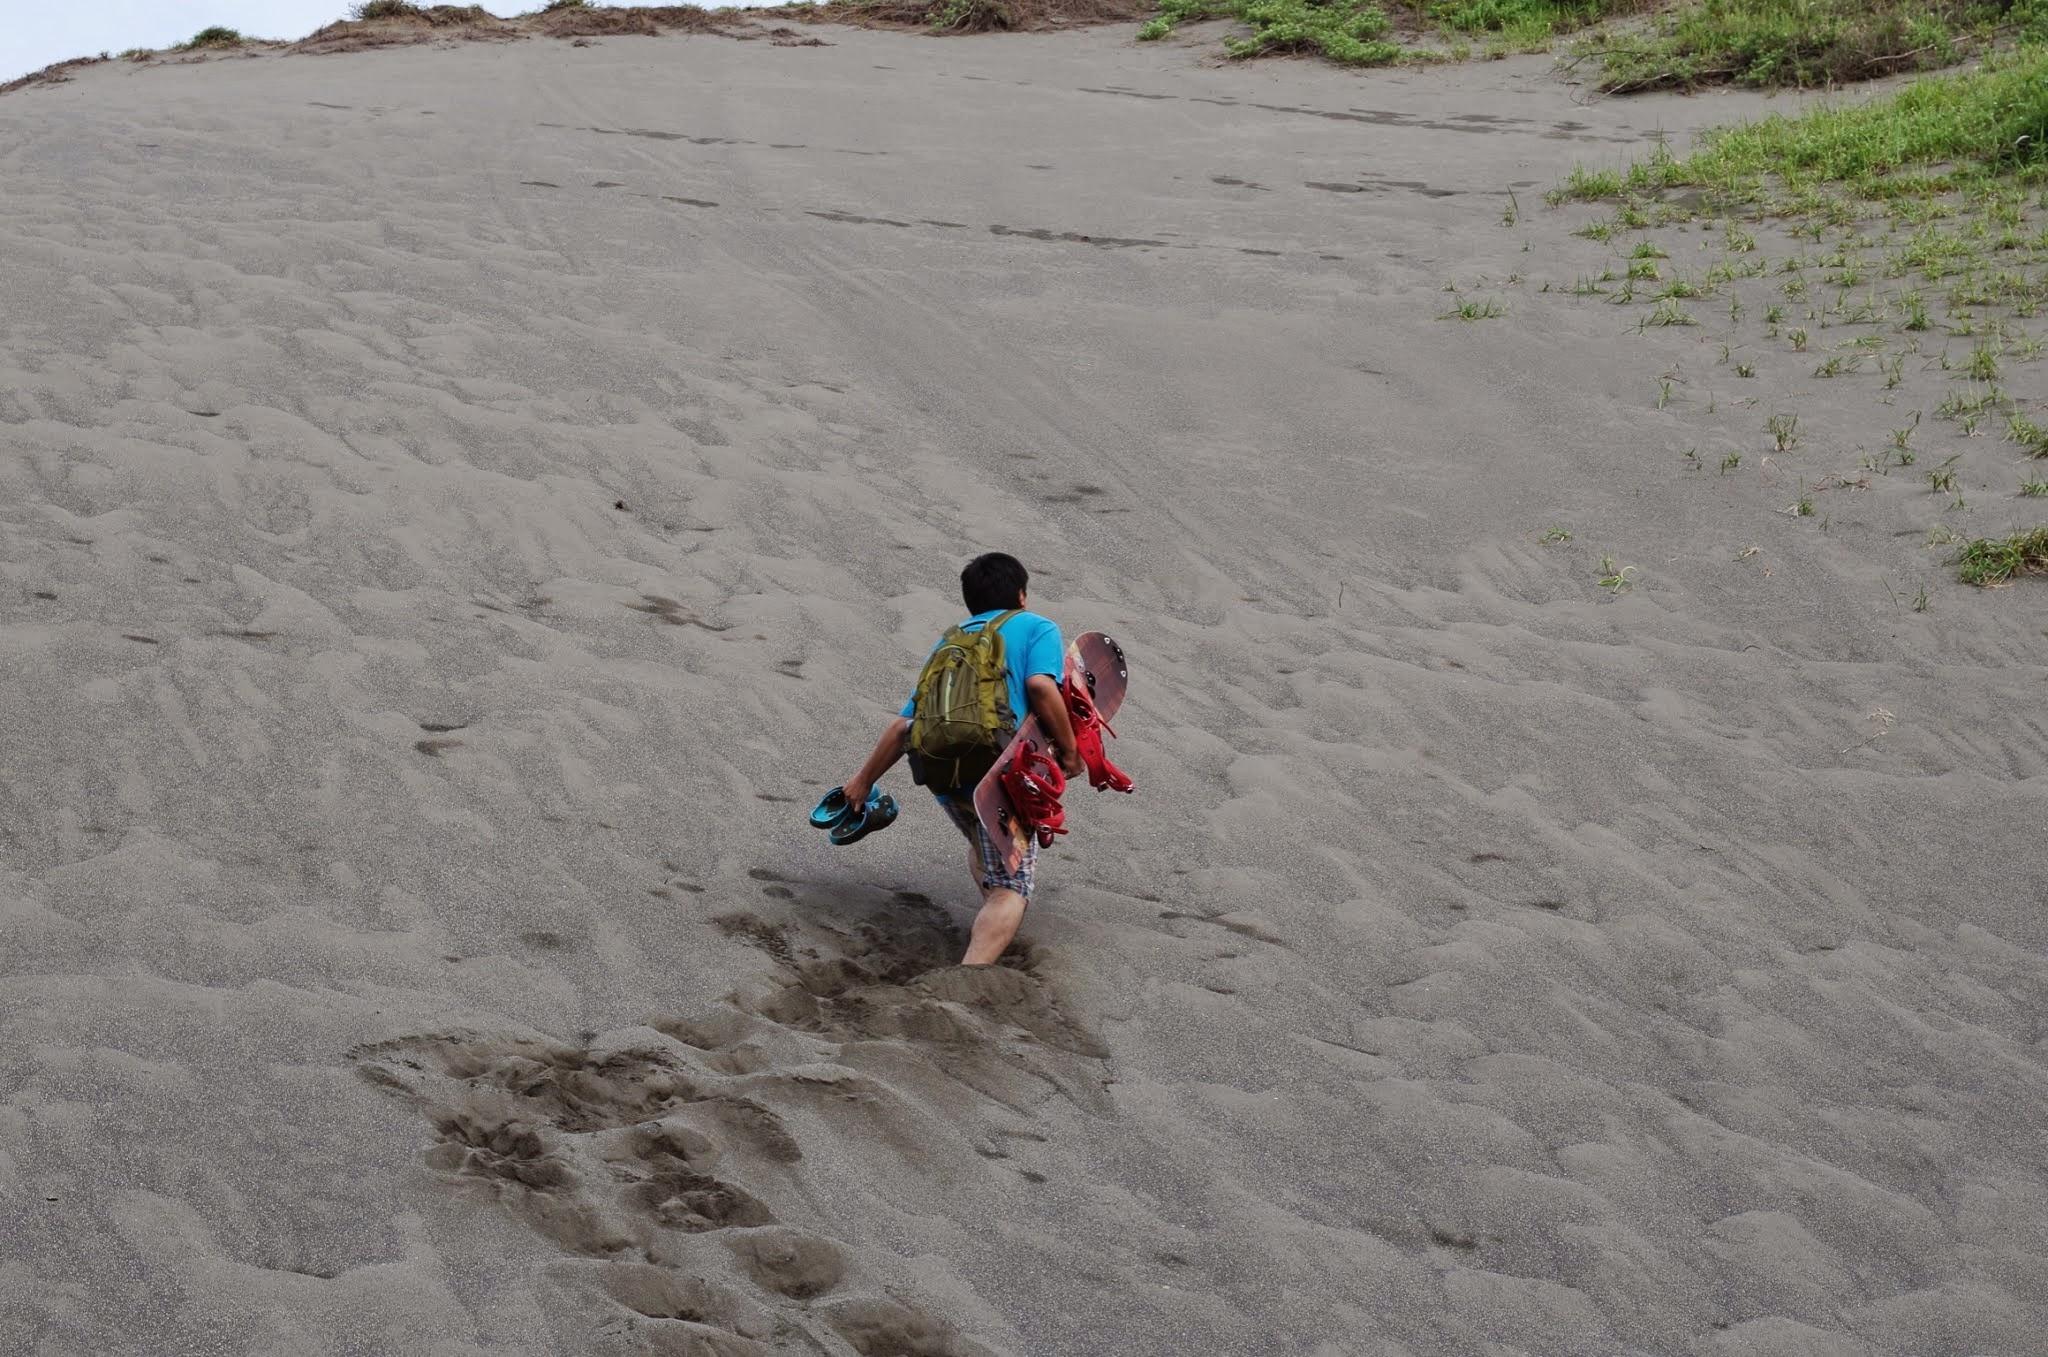 砂山をスノーボードを持って登る姿